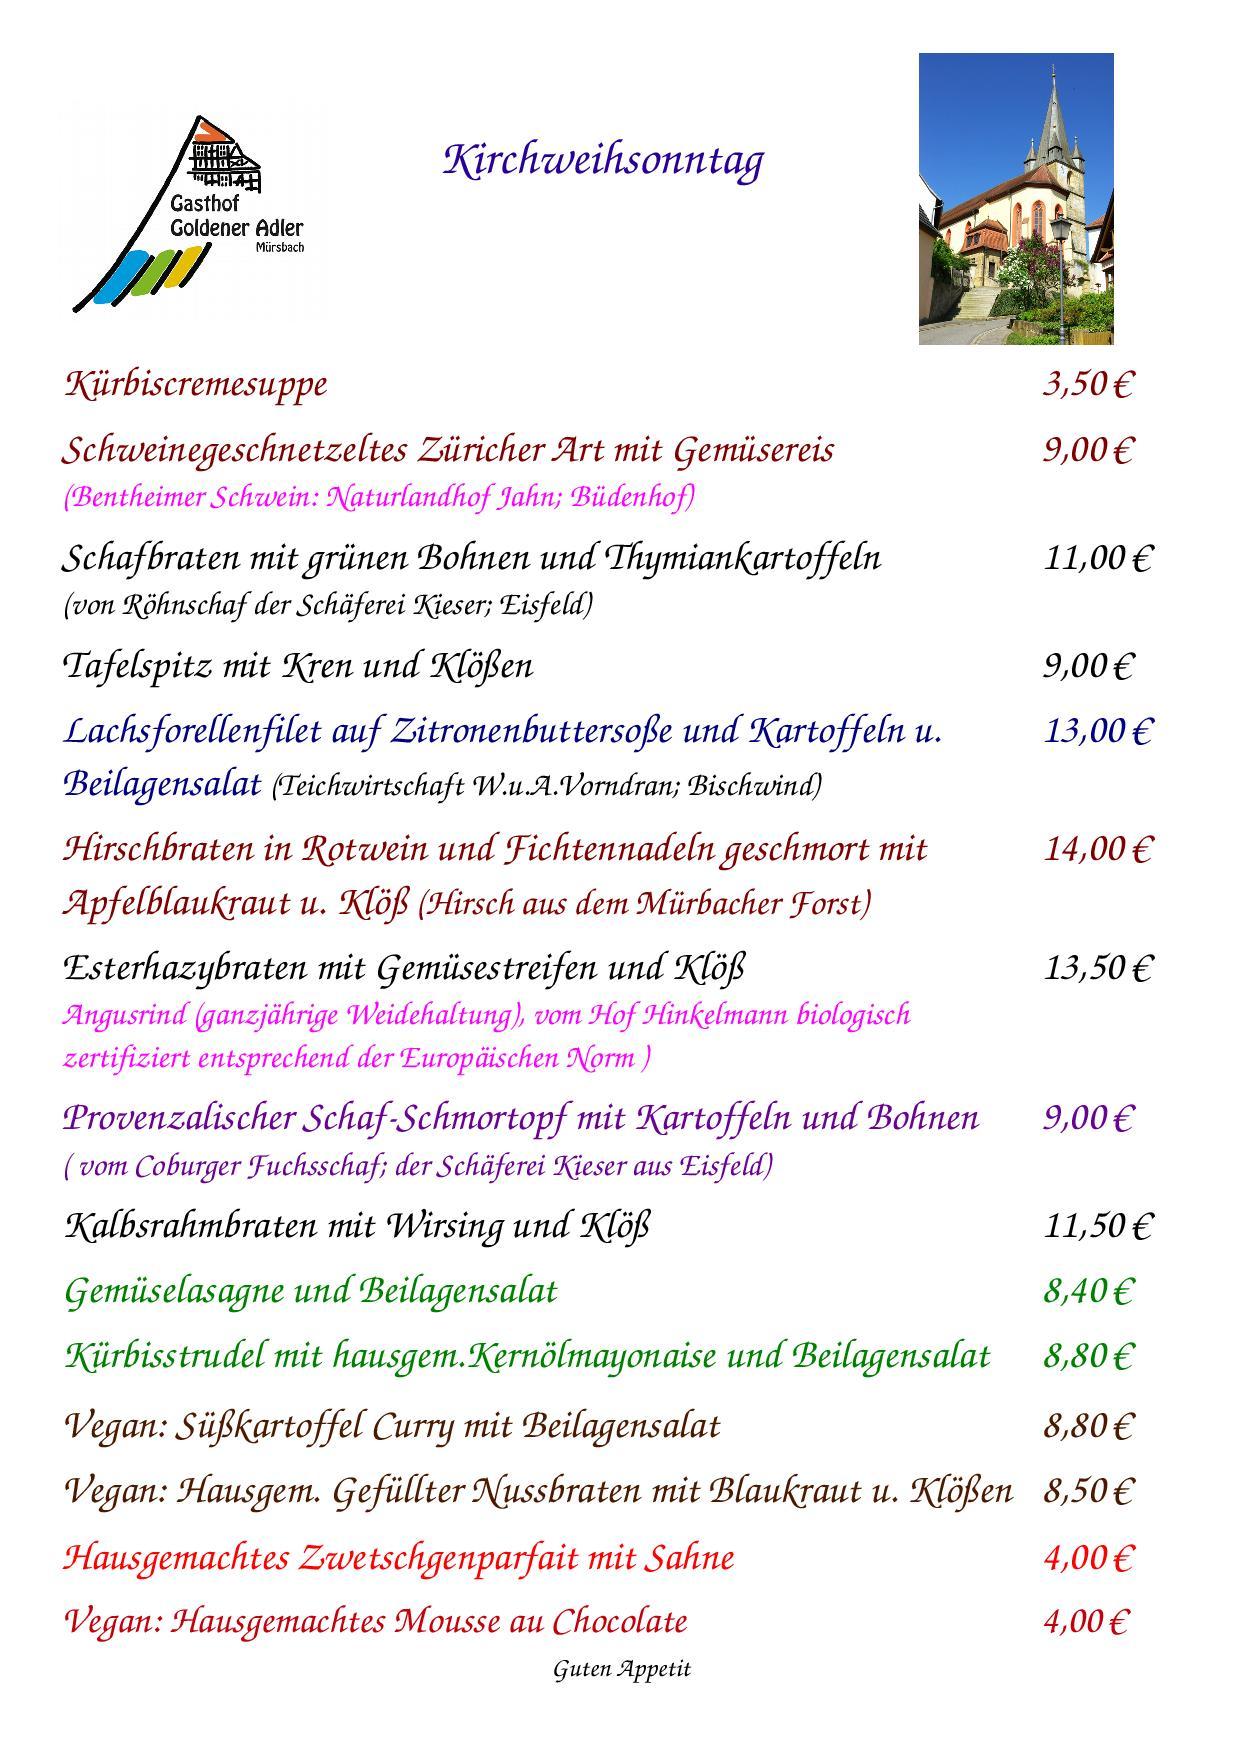 Speisekarte für Kirchweihsonntag